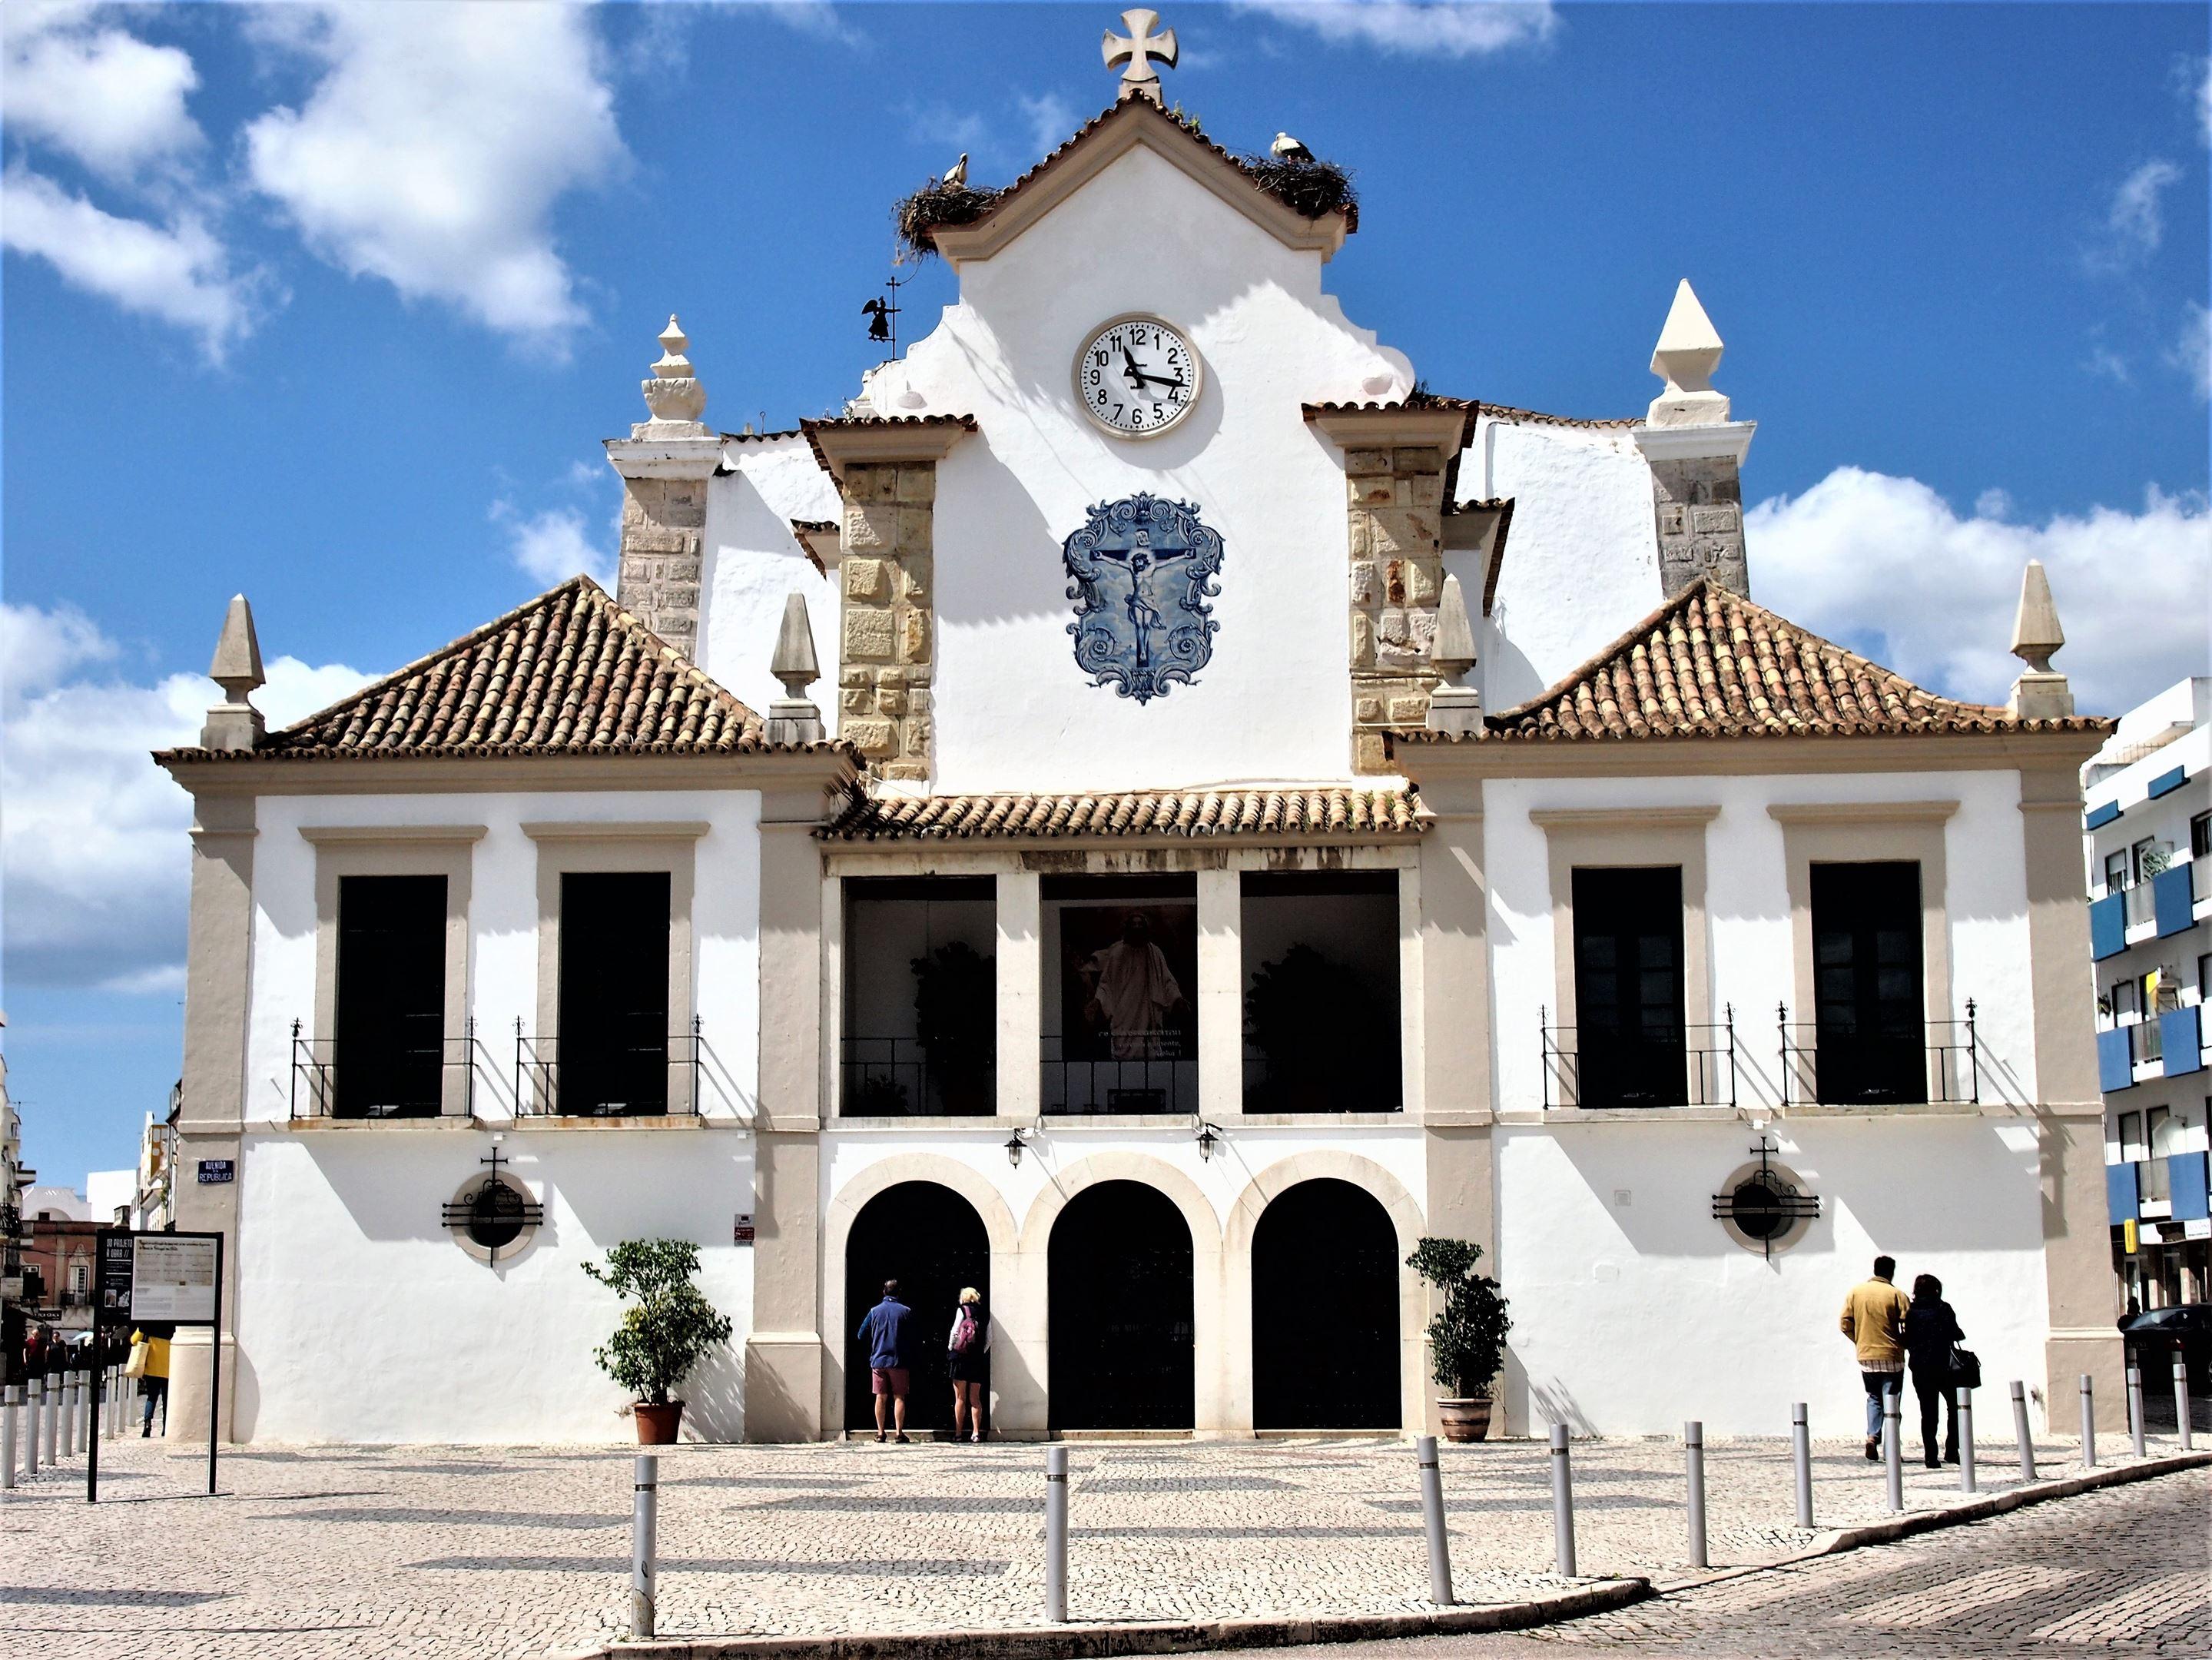 Igreja de Nossa Senhora do Rosário - Church of Our Lady of Rosário, Olhão